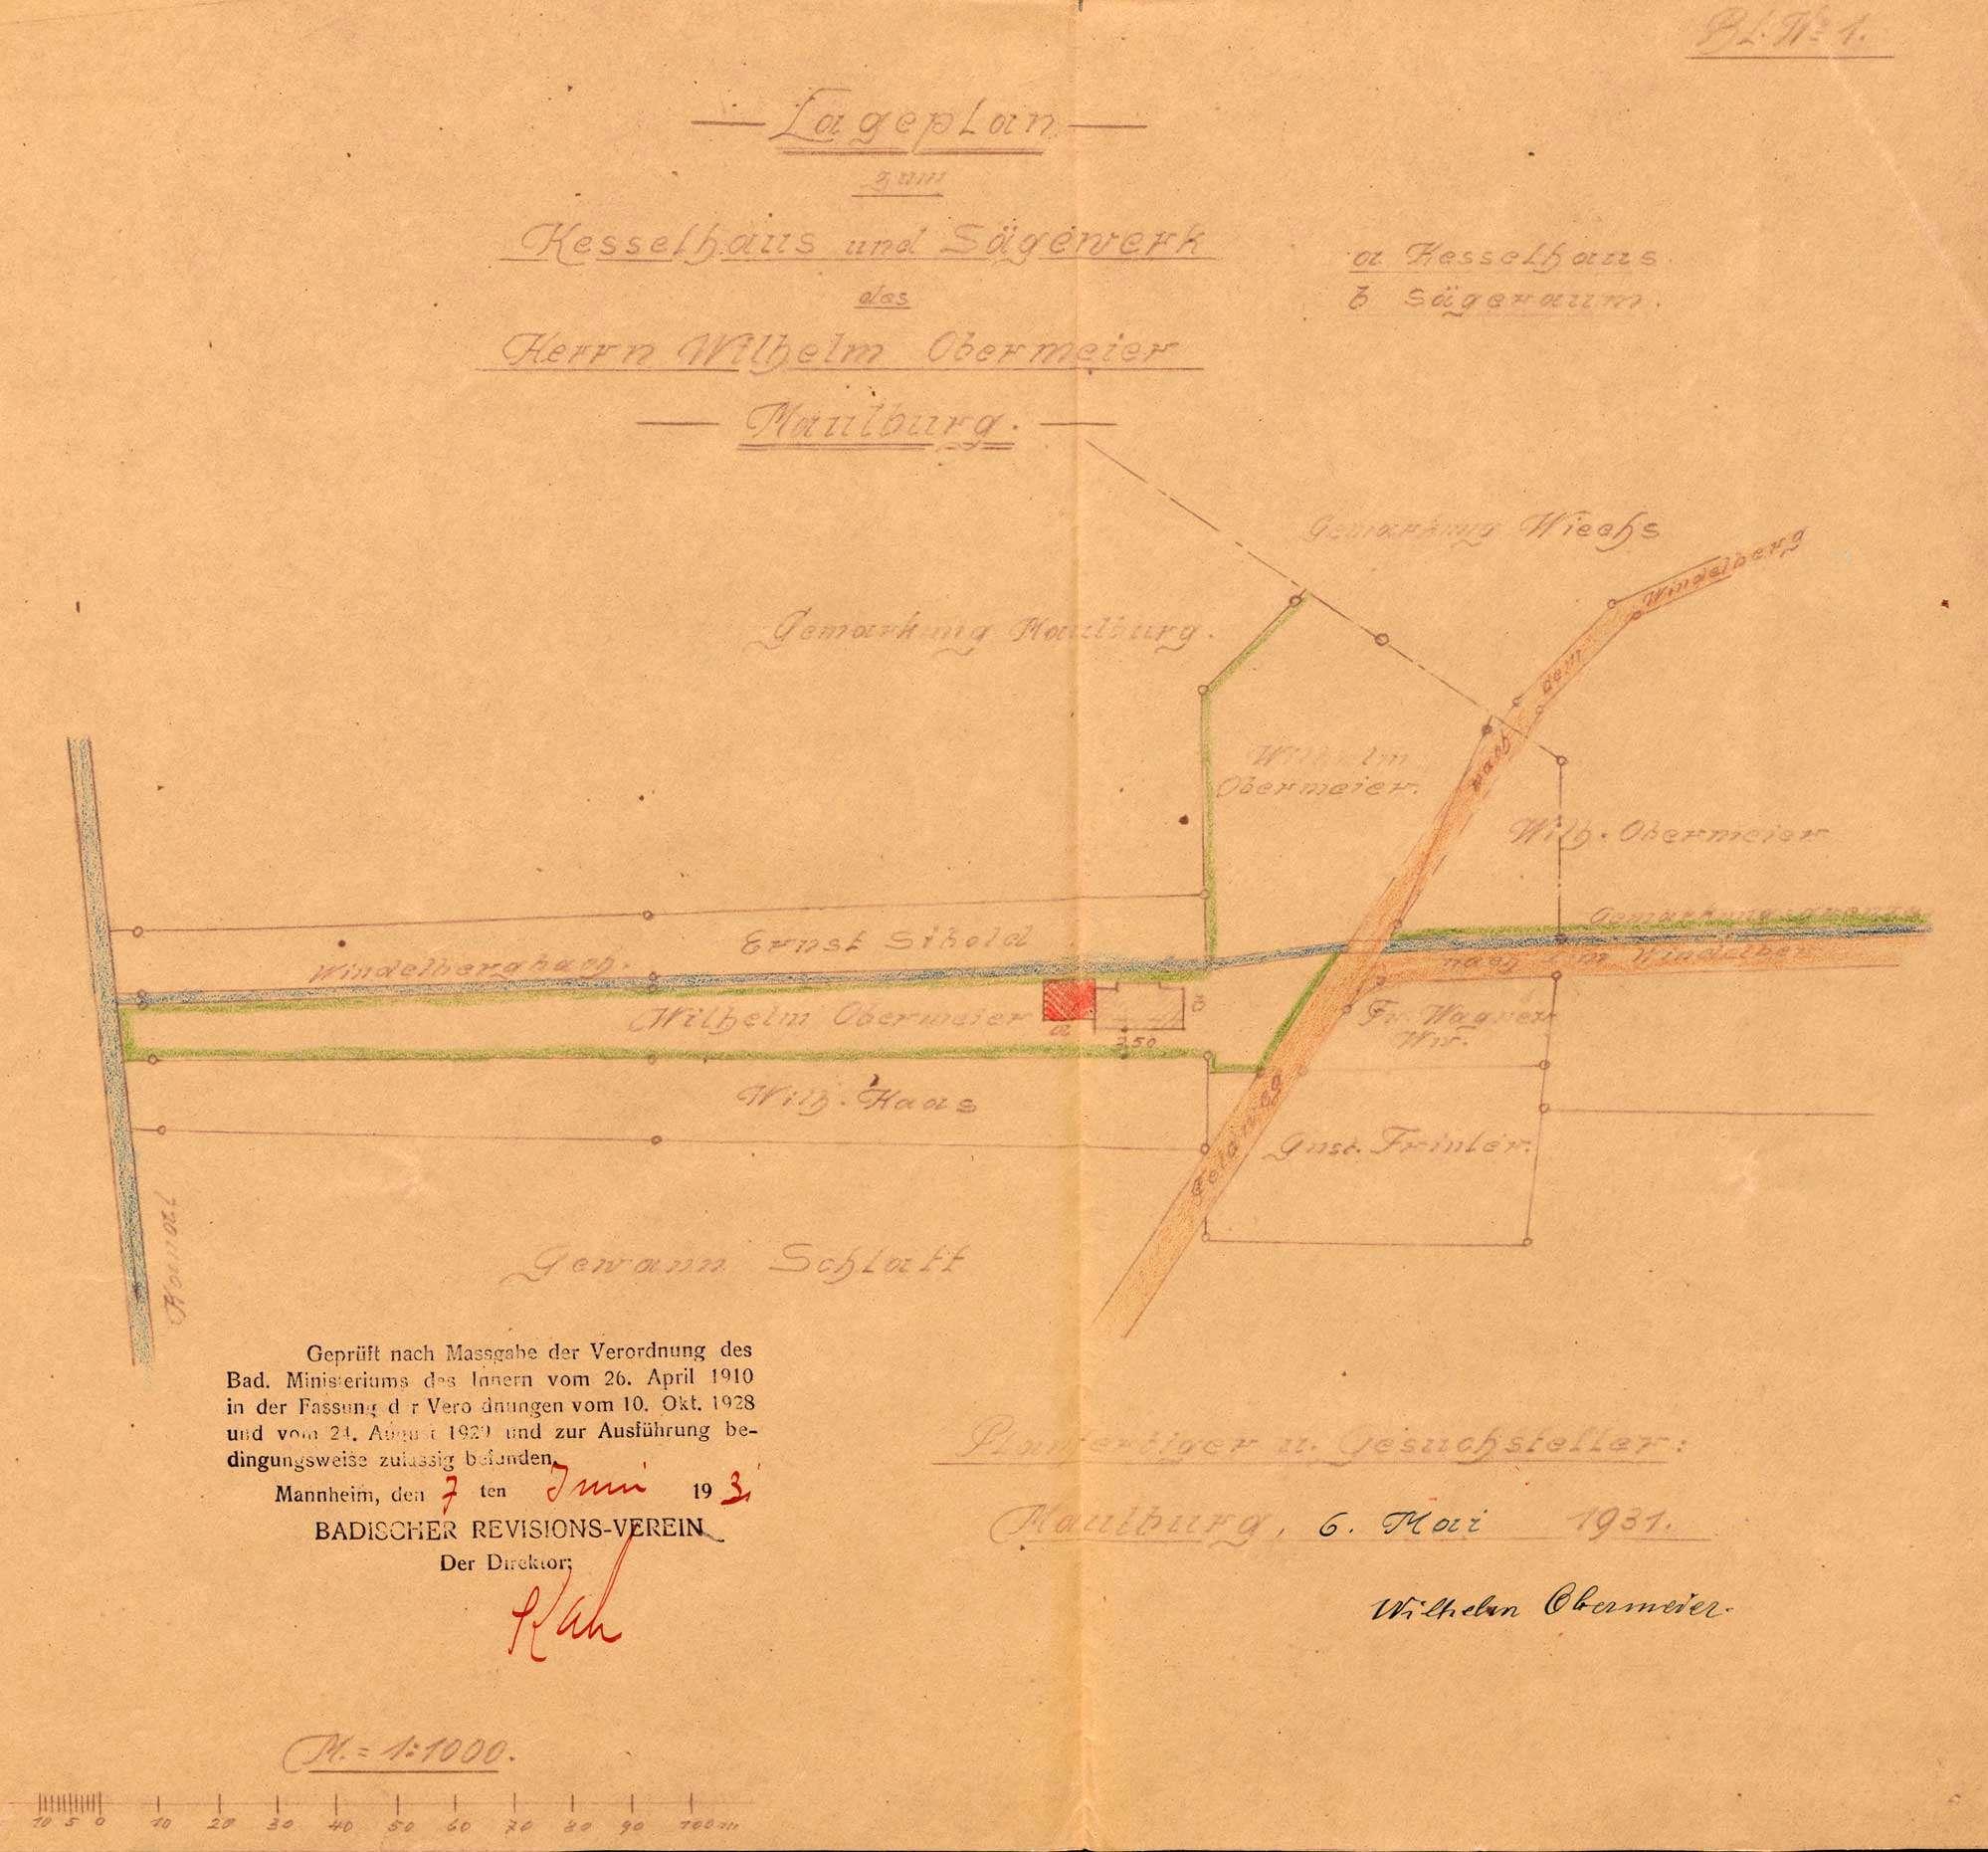 Aufstellung eines Dampfkessels durch Wilhelm Obermeier, Sägewerk in Maulburg; Sperrung des Kessels, Bild 2